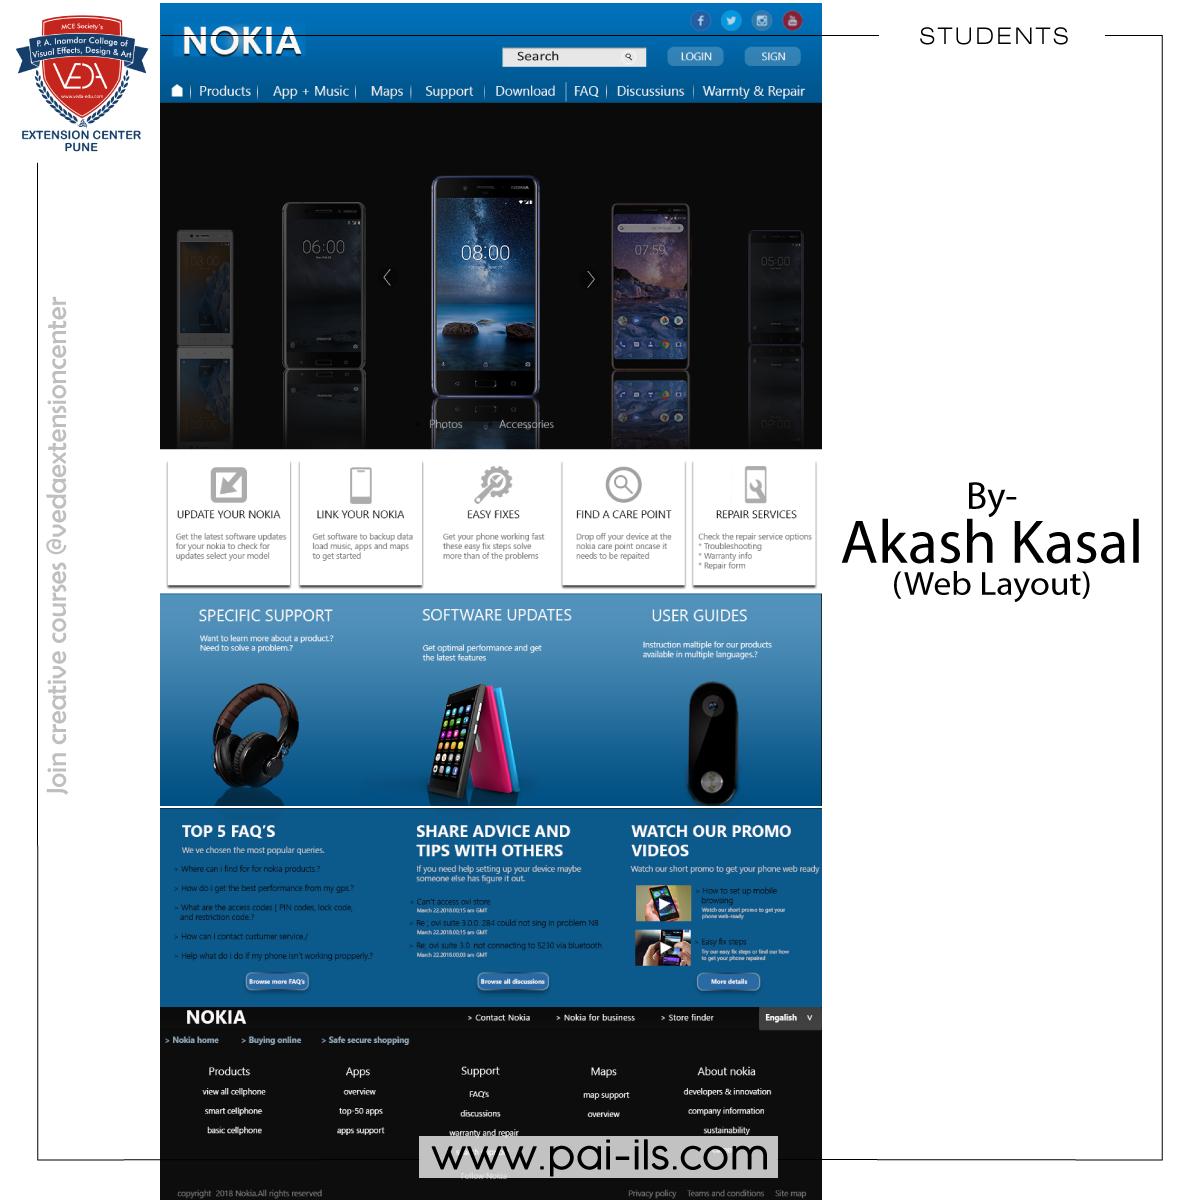 Akash-Kasal-(-Web-Layout-)